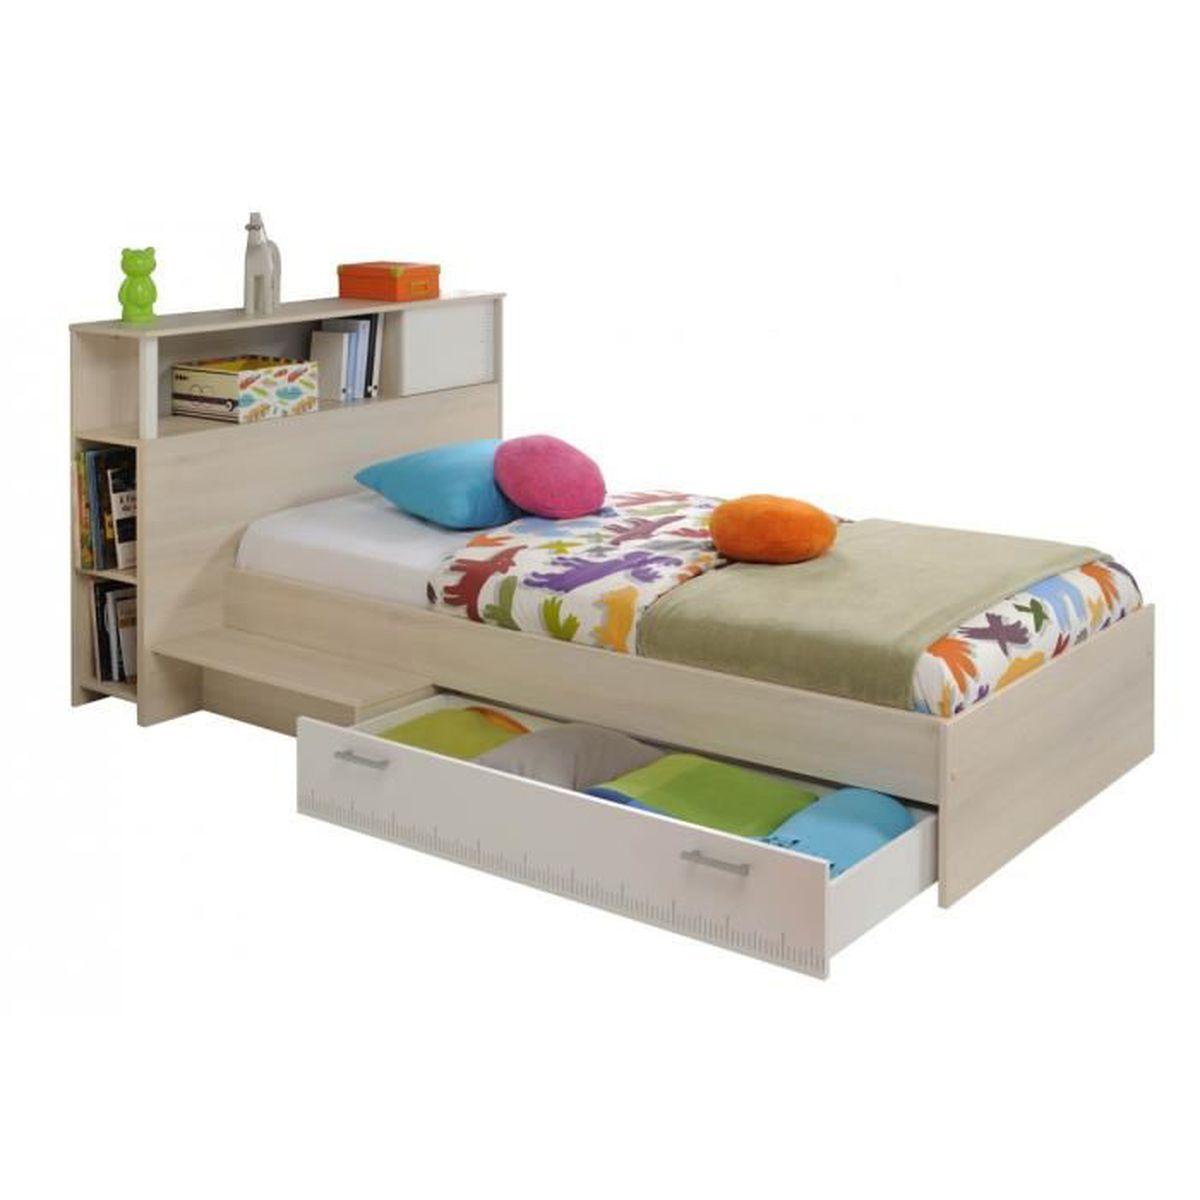 lit 90 x 190 cm avec rangement achat vente lit 90 x 190 cm avec rangement pas cher les. Black Bedroom Furniture Sets. Home Design Ideas